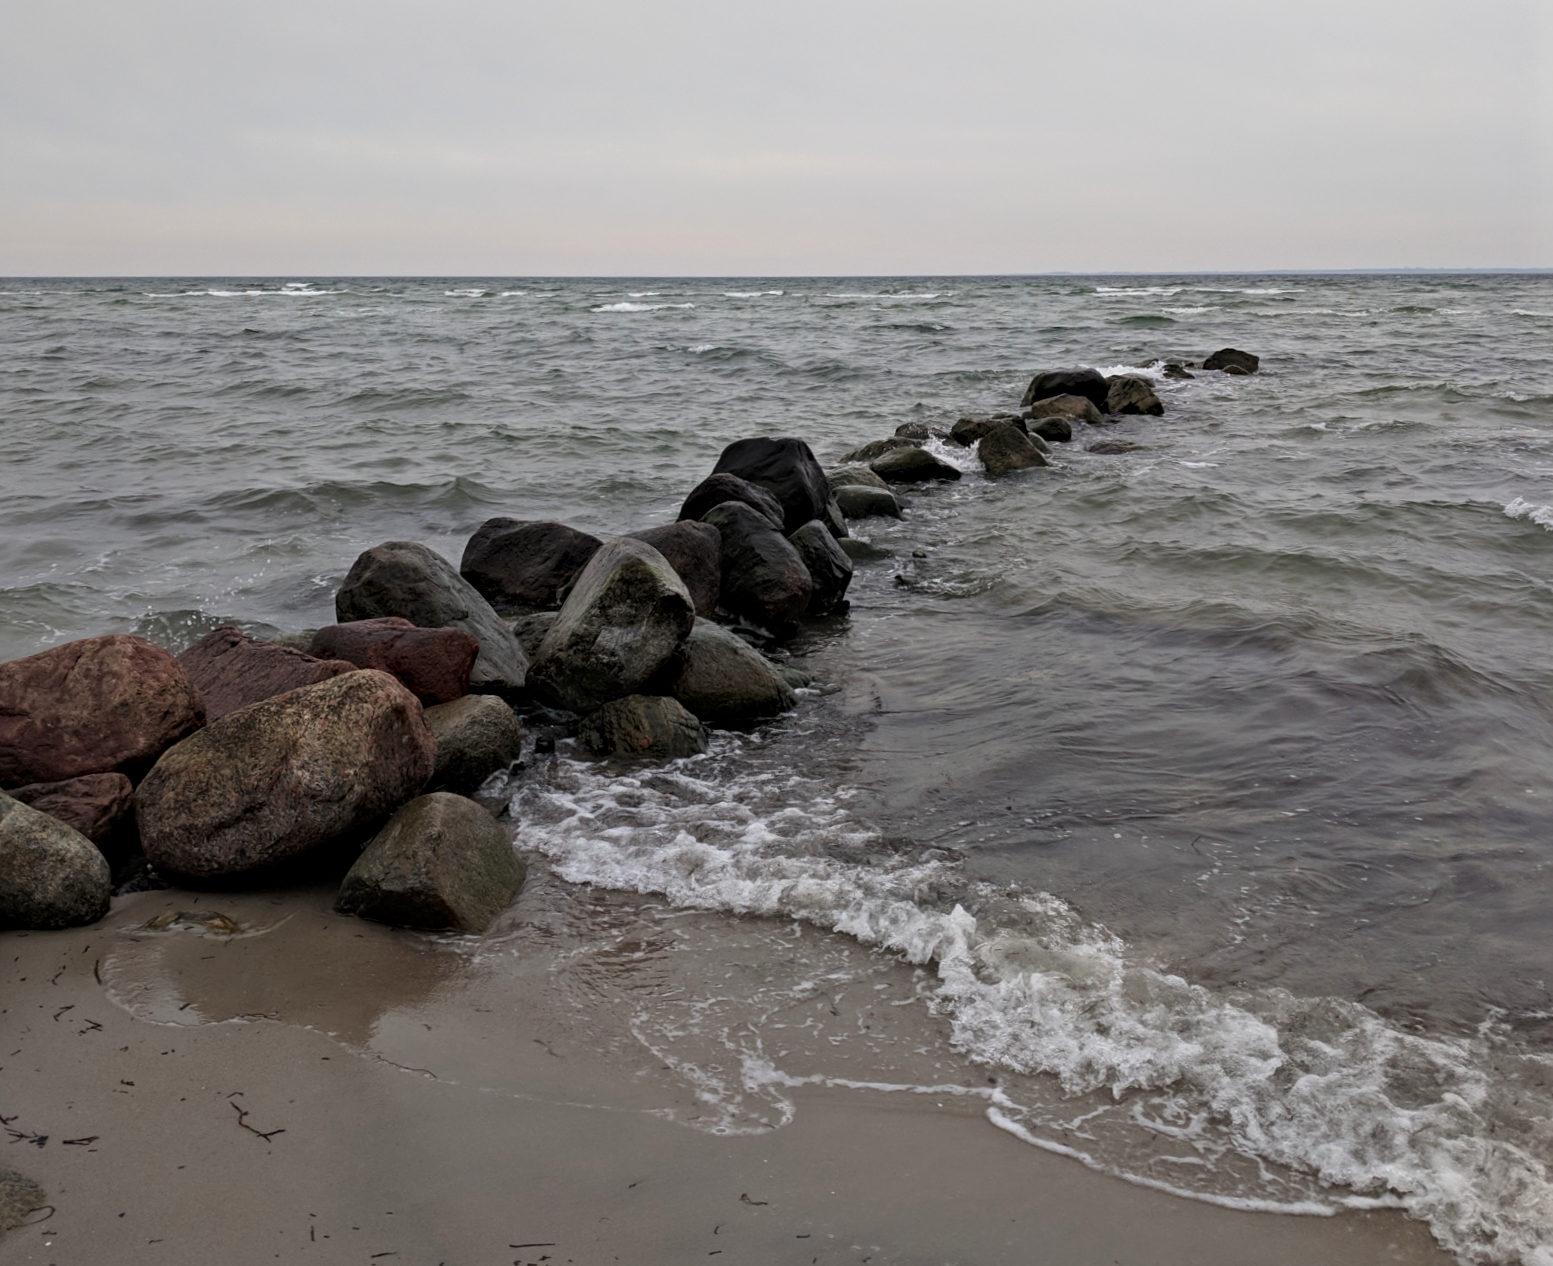 annaporter-baltic-sea-grömitz-10-e1552308171138.jpg